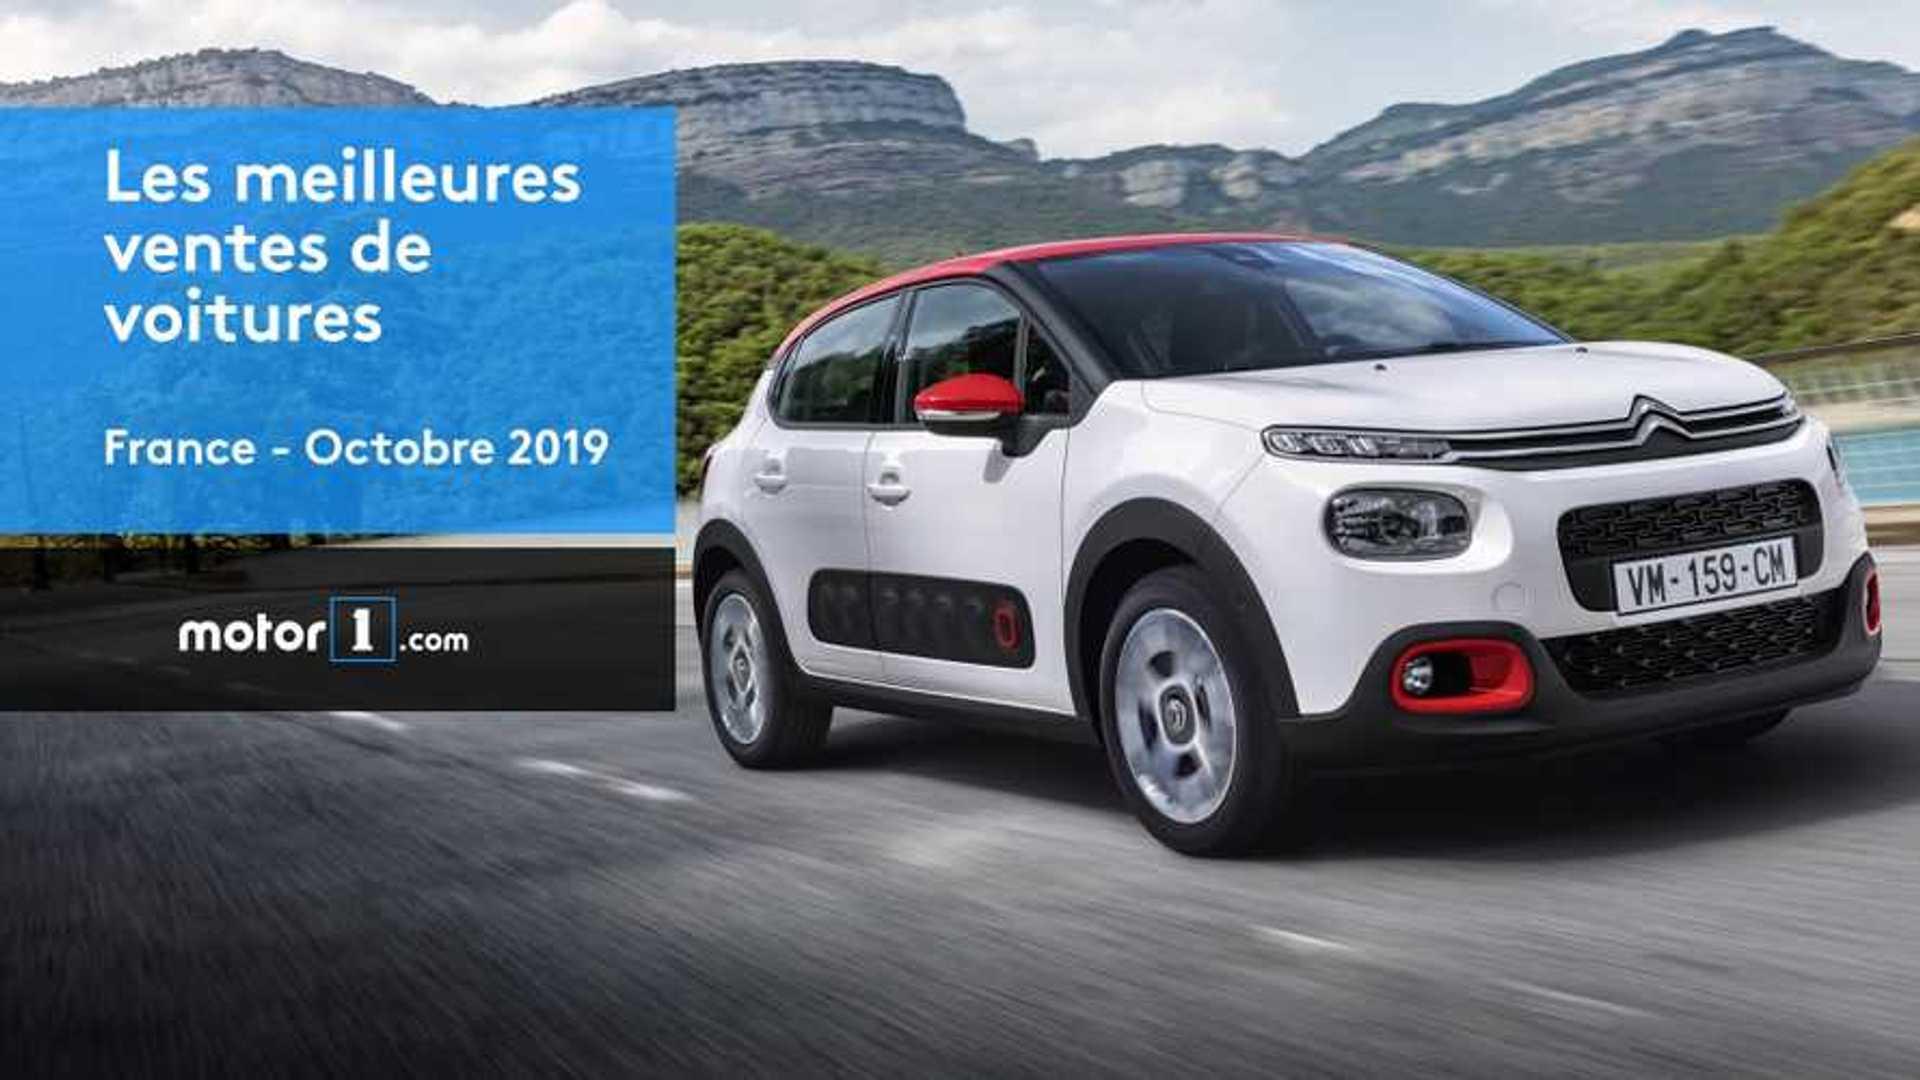 VIDÉO - Les 10 voitures les plus vendues en France en octobre